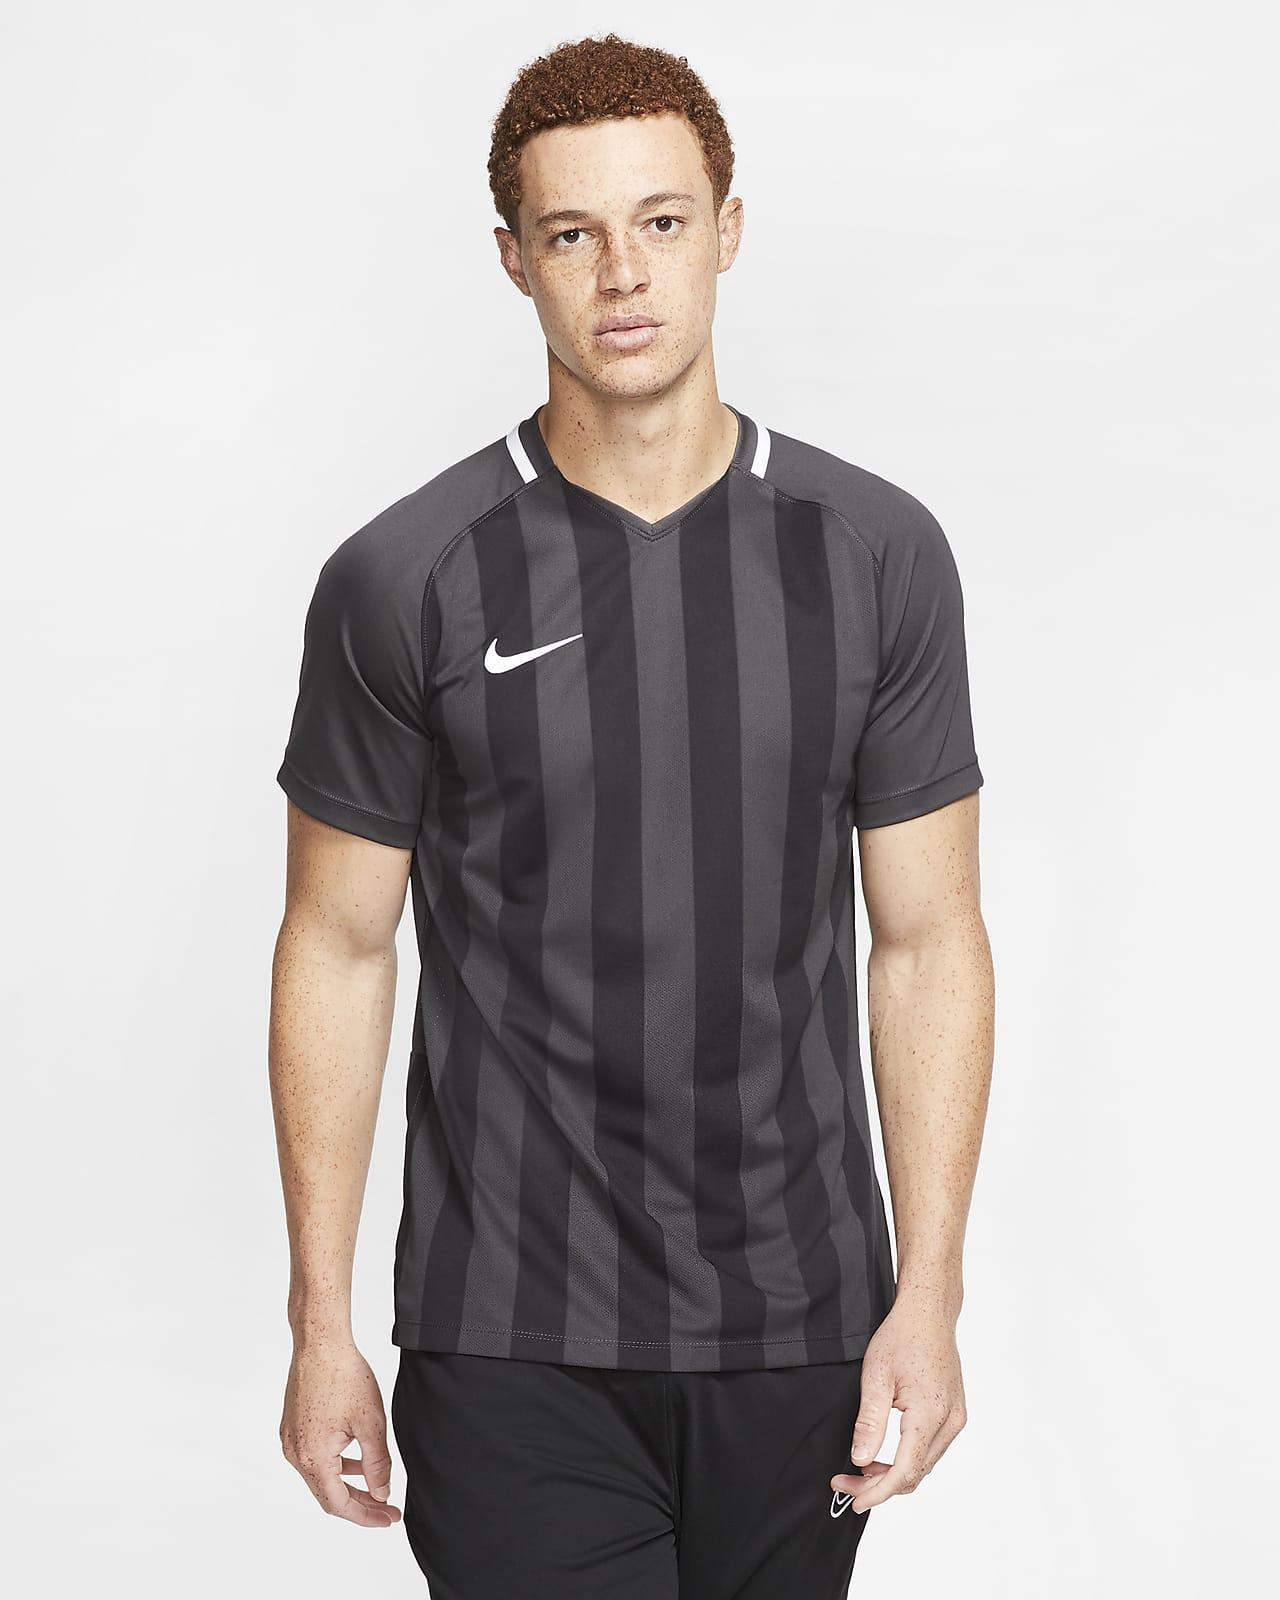 Pánský fotbalový dres Nike Striped Division 3